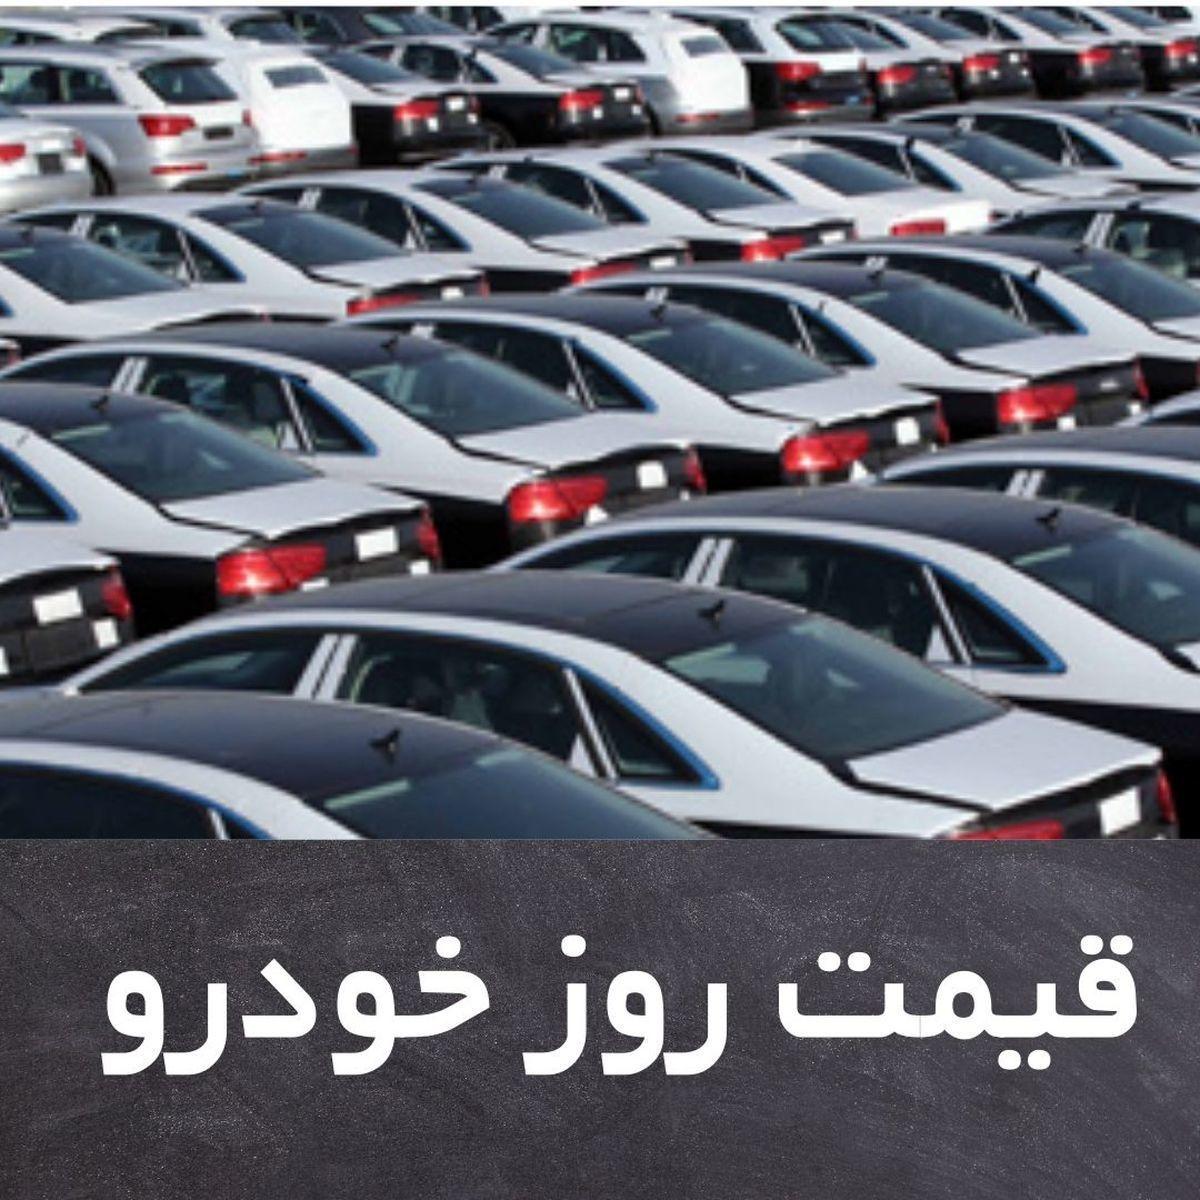 قیمت روز خودرو دوشنبه 4 اسفند + جدول